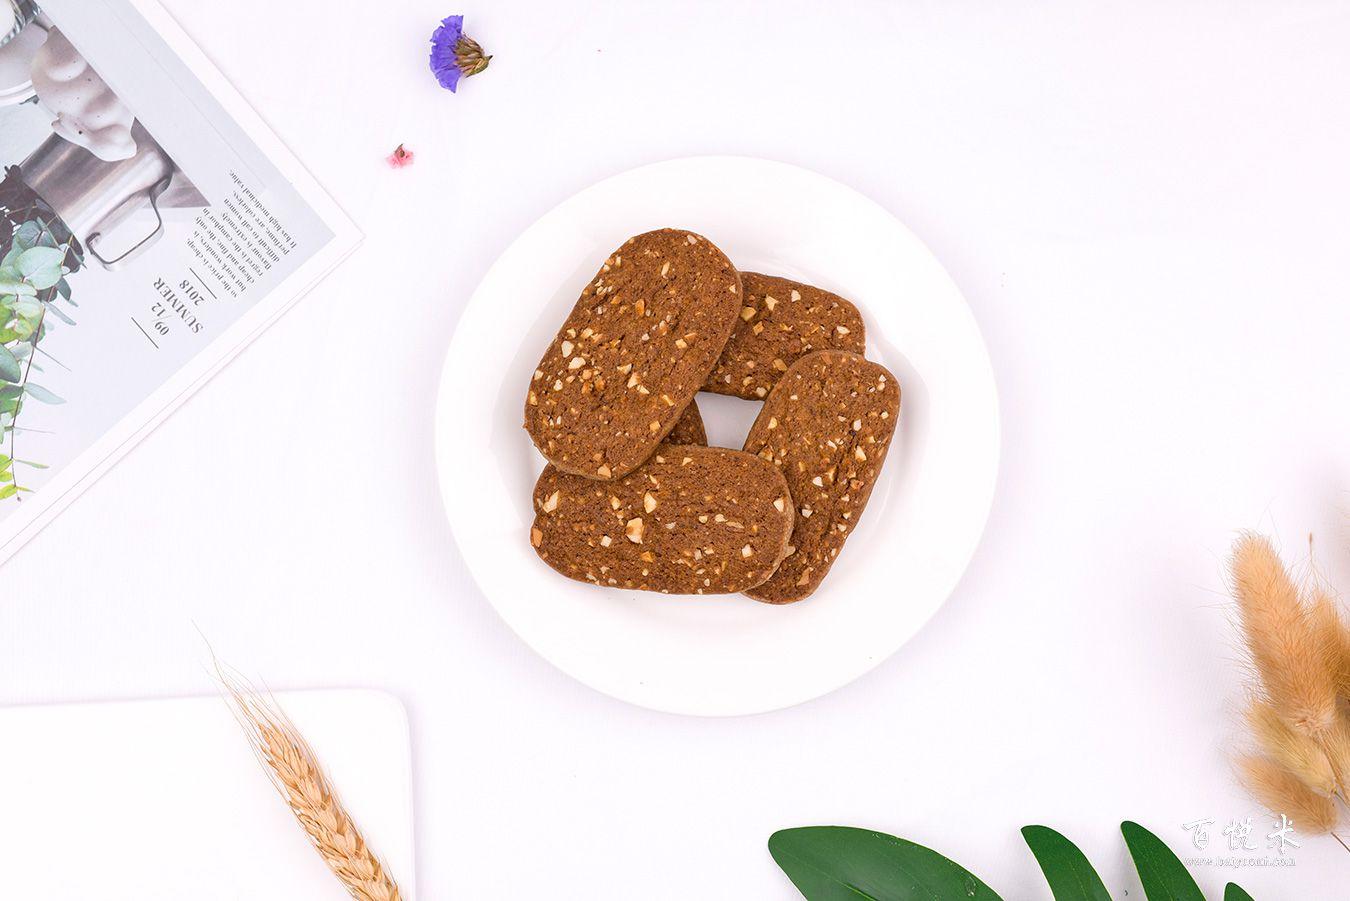 摩卡坚果饼干高清图片大全【蛋糕图片】_351